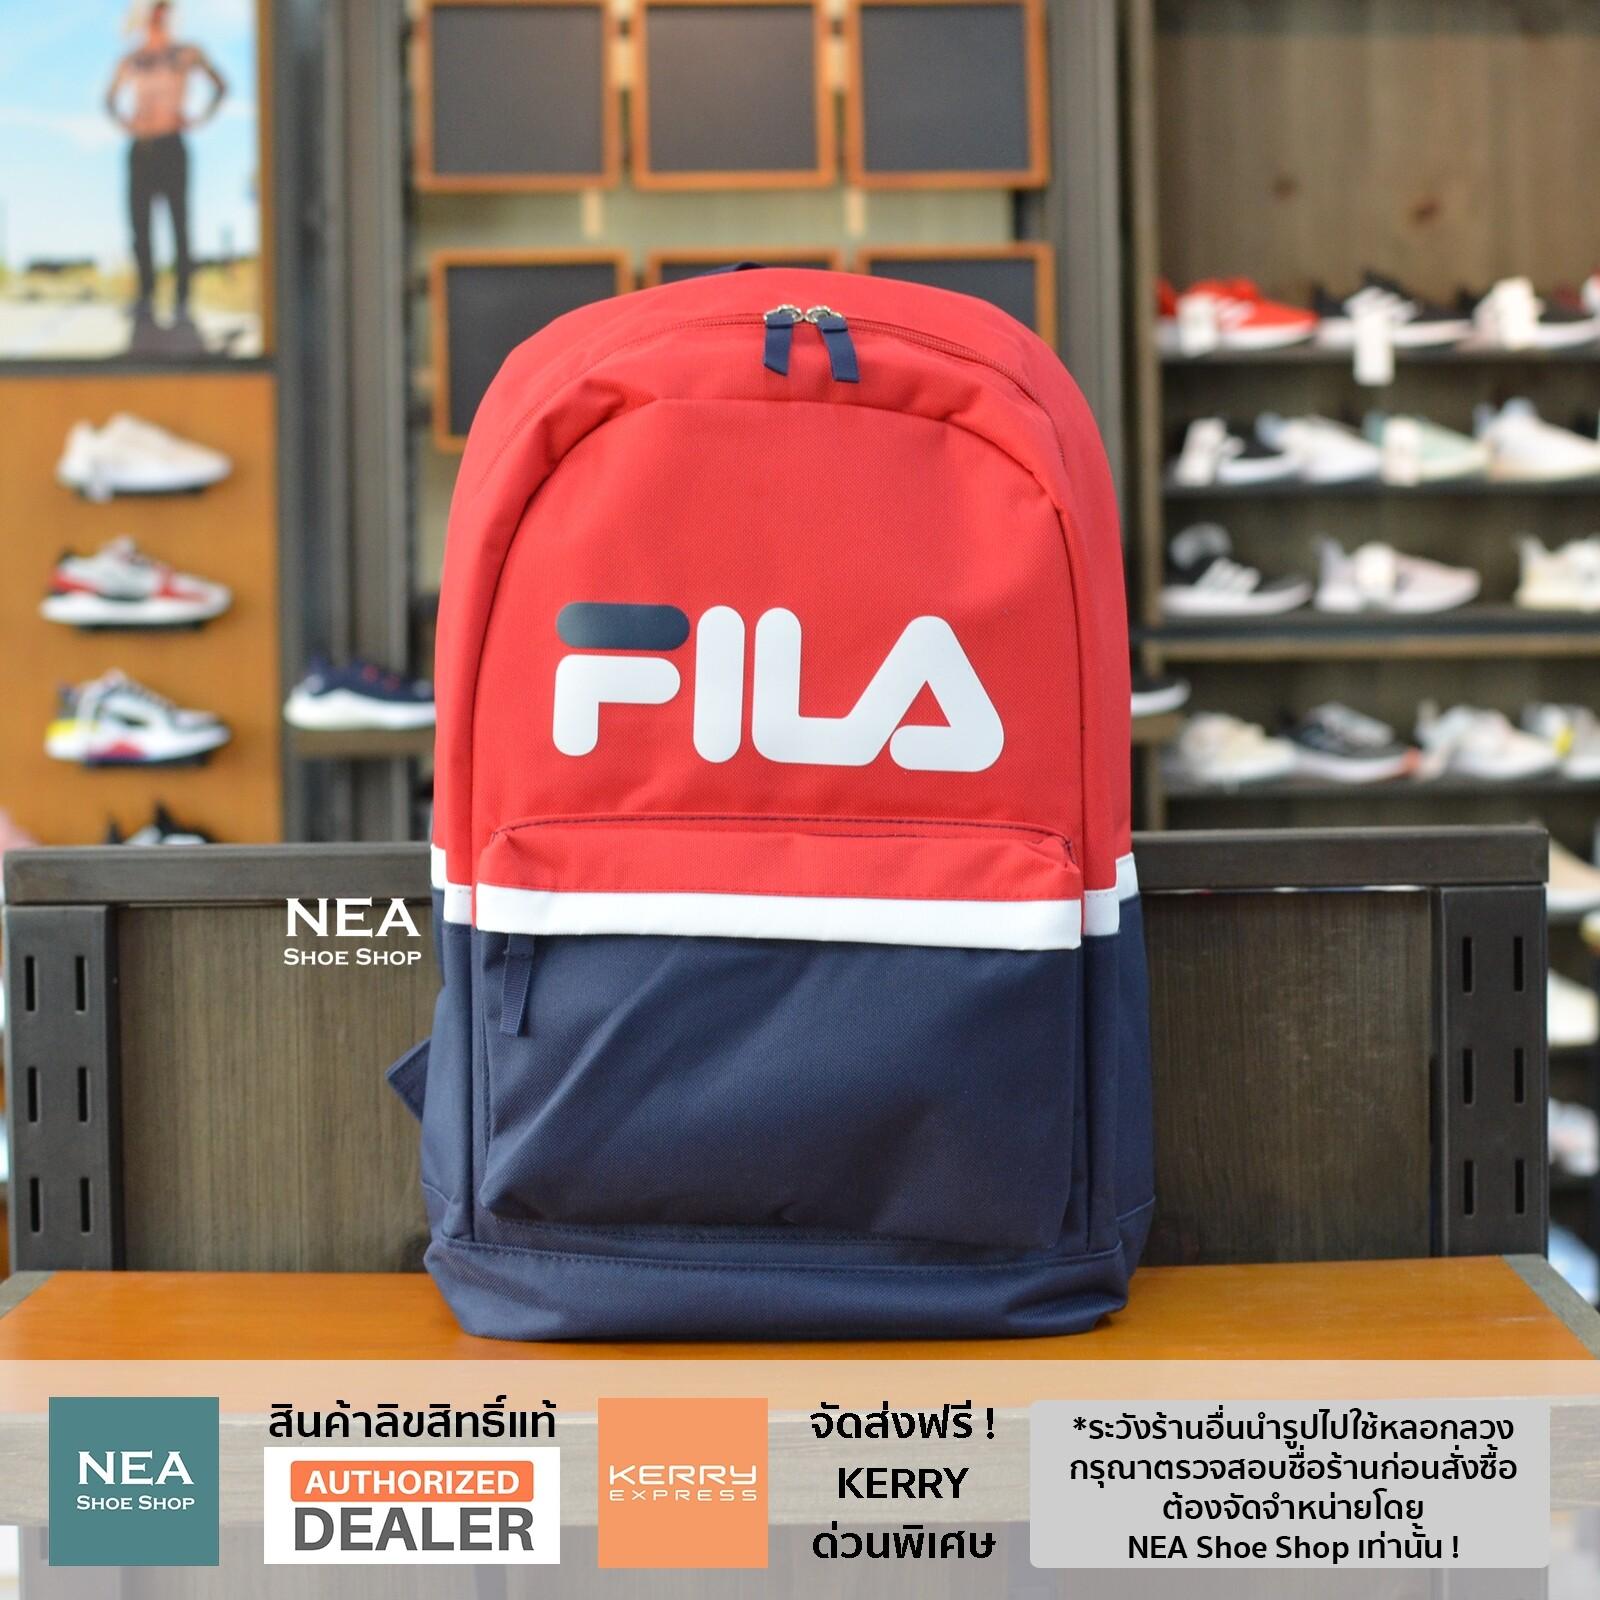 [ลิขสิทธิ์แท้] Fila Backpack Essence - Red/navy กระเป๋าเป้ สะพายหลัง ฟิล่า แท้กระเป๋าสะพายหลัง แบ็คแพ็ค Vb201901.